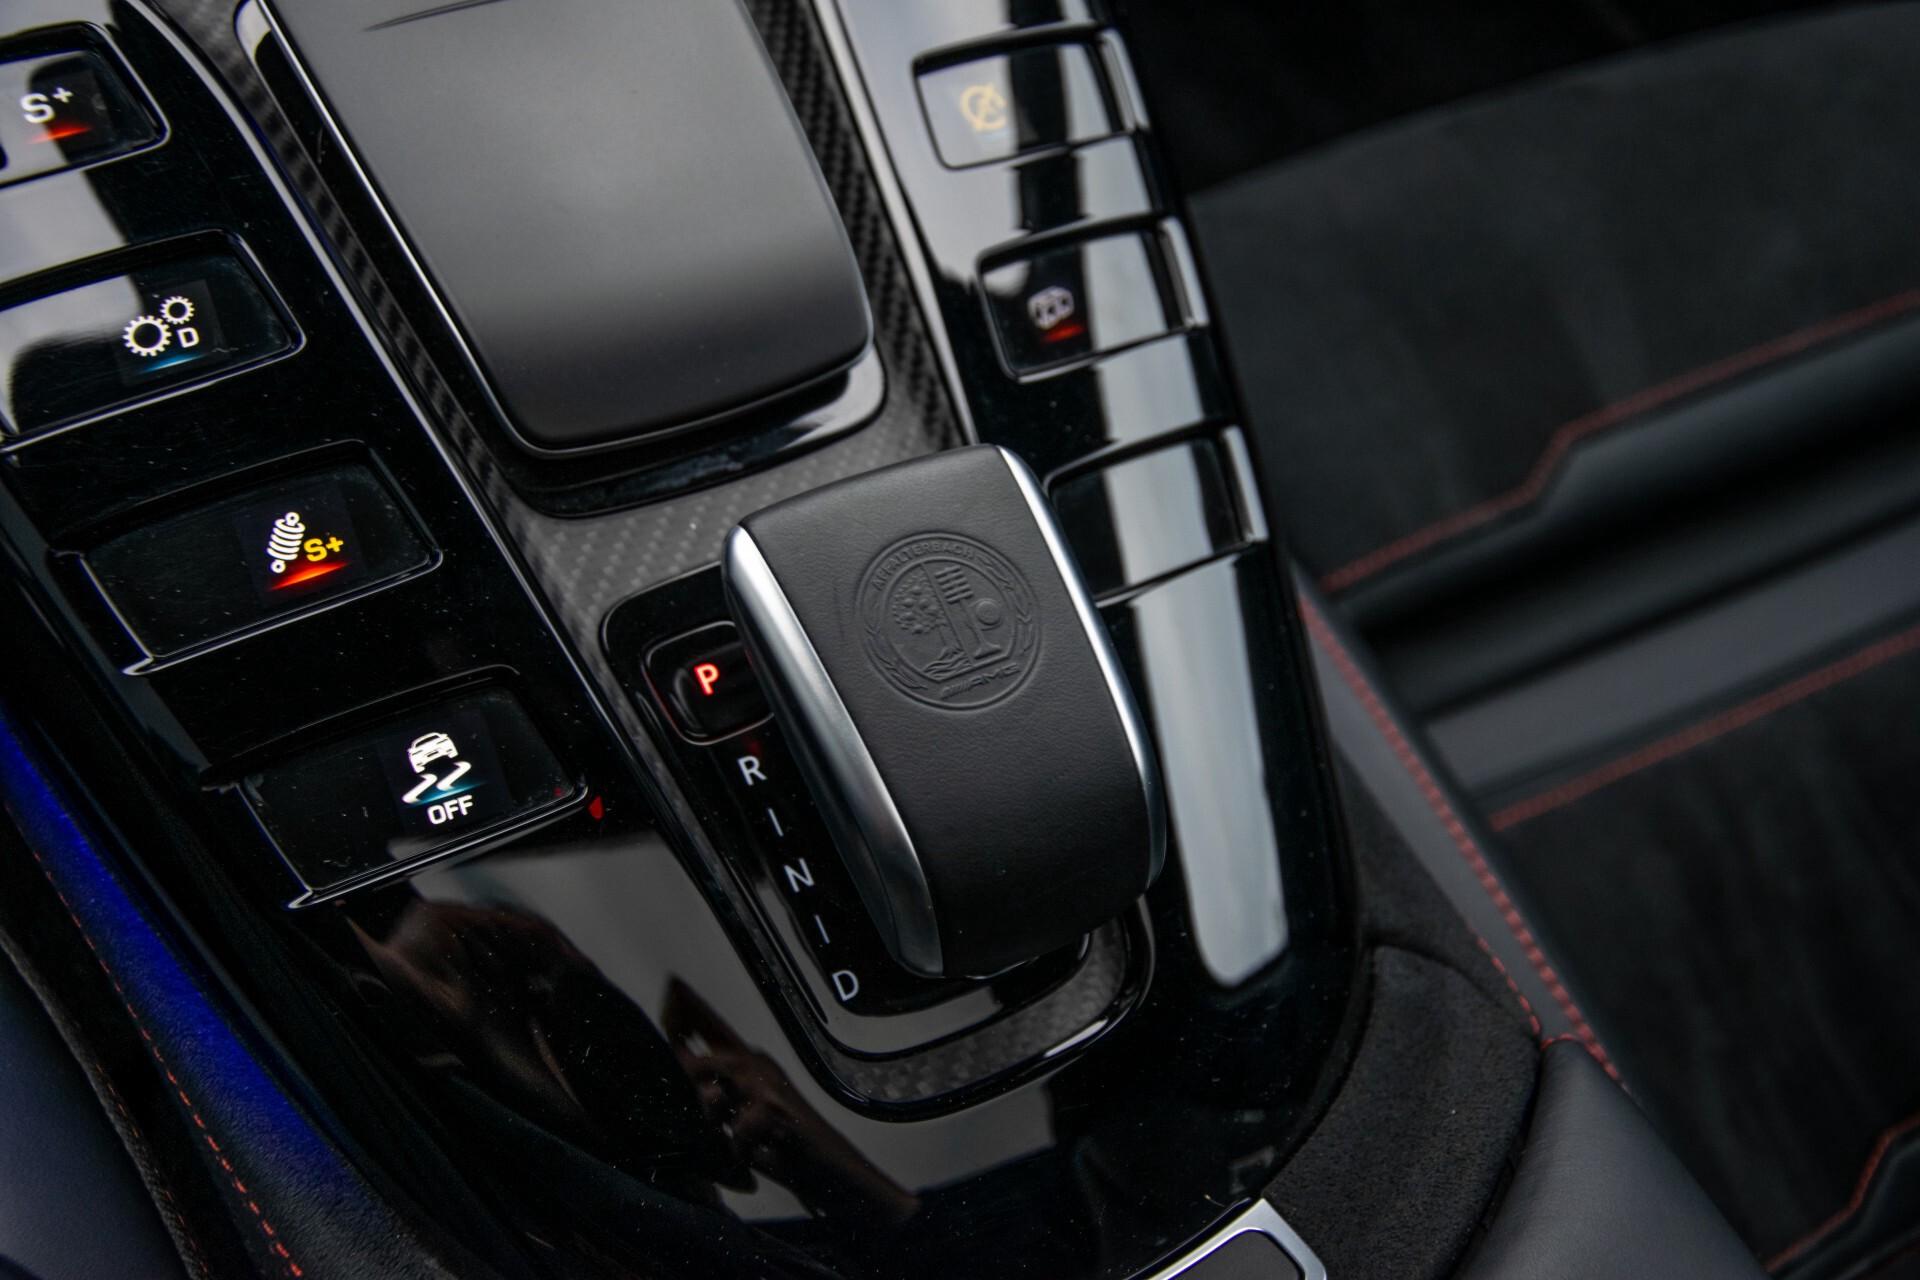 Mercedes-Benz AMG GT 4-Door Coupe 63 S 4M+ Keramisch/Full Carbon/Aerodynamica/Burmester 3D/TV/Performance stoelen/Standkachel Aut9 Foto 52